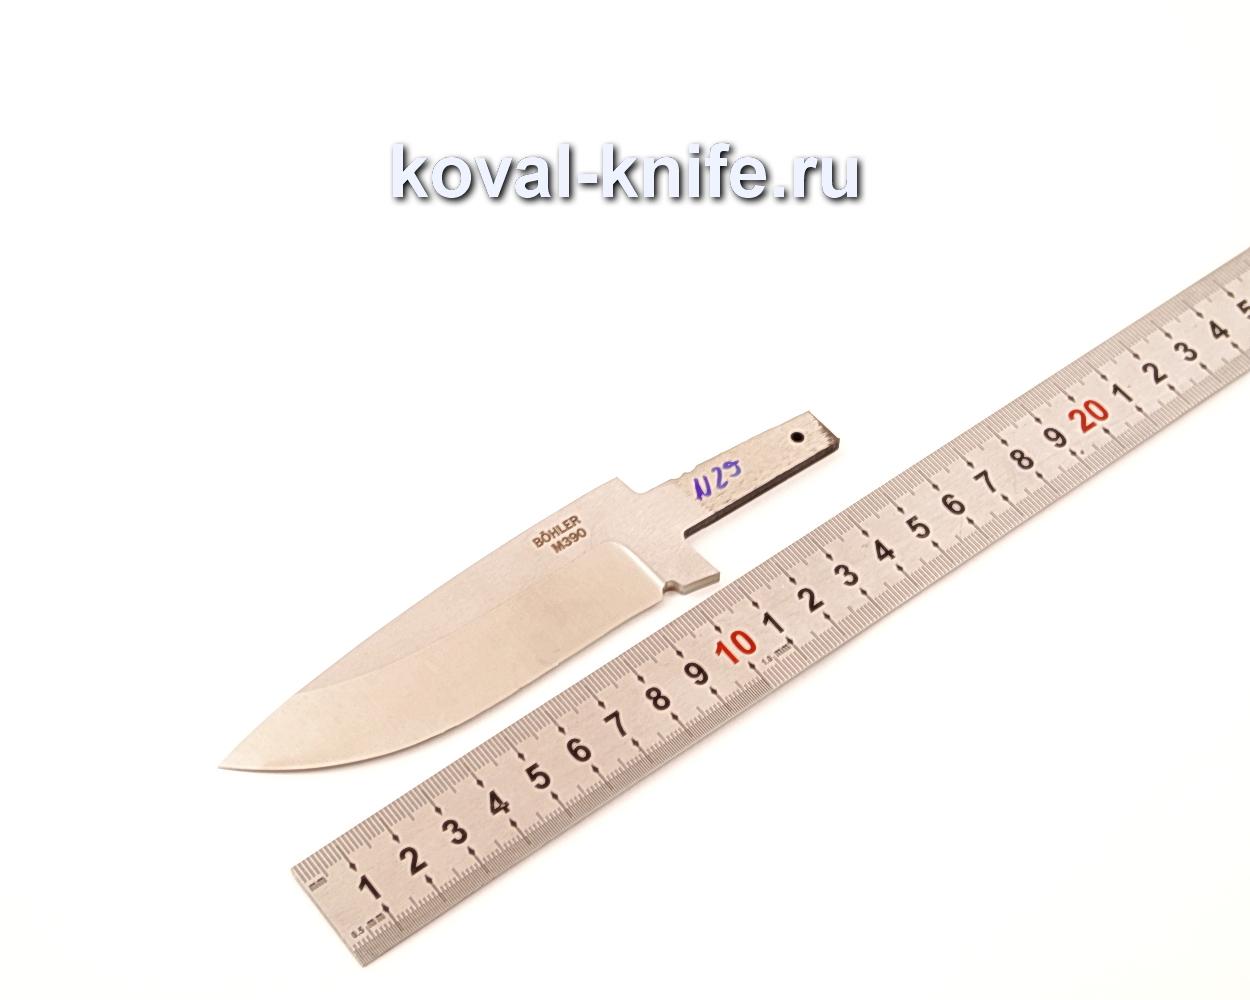 Клинок для ножа из порошковой стали Bohler M390 N29